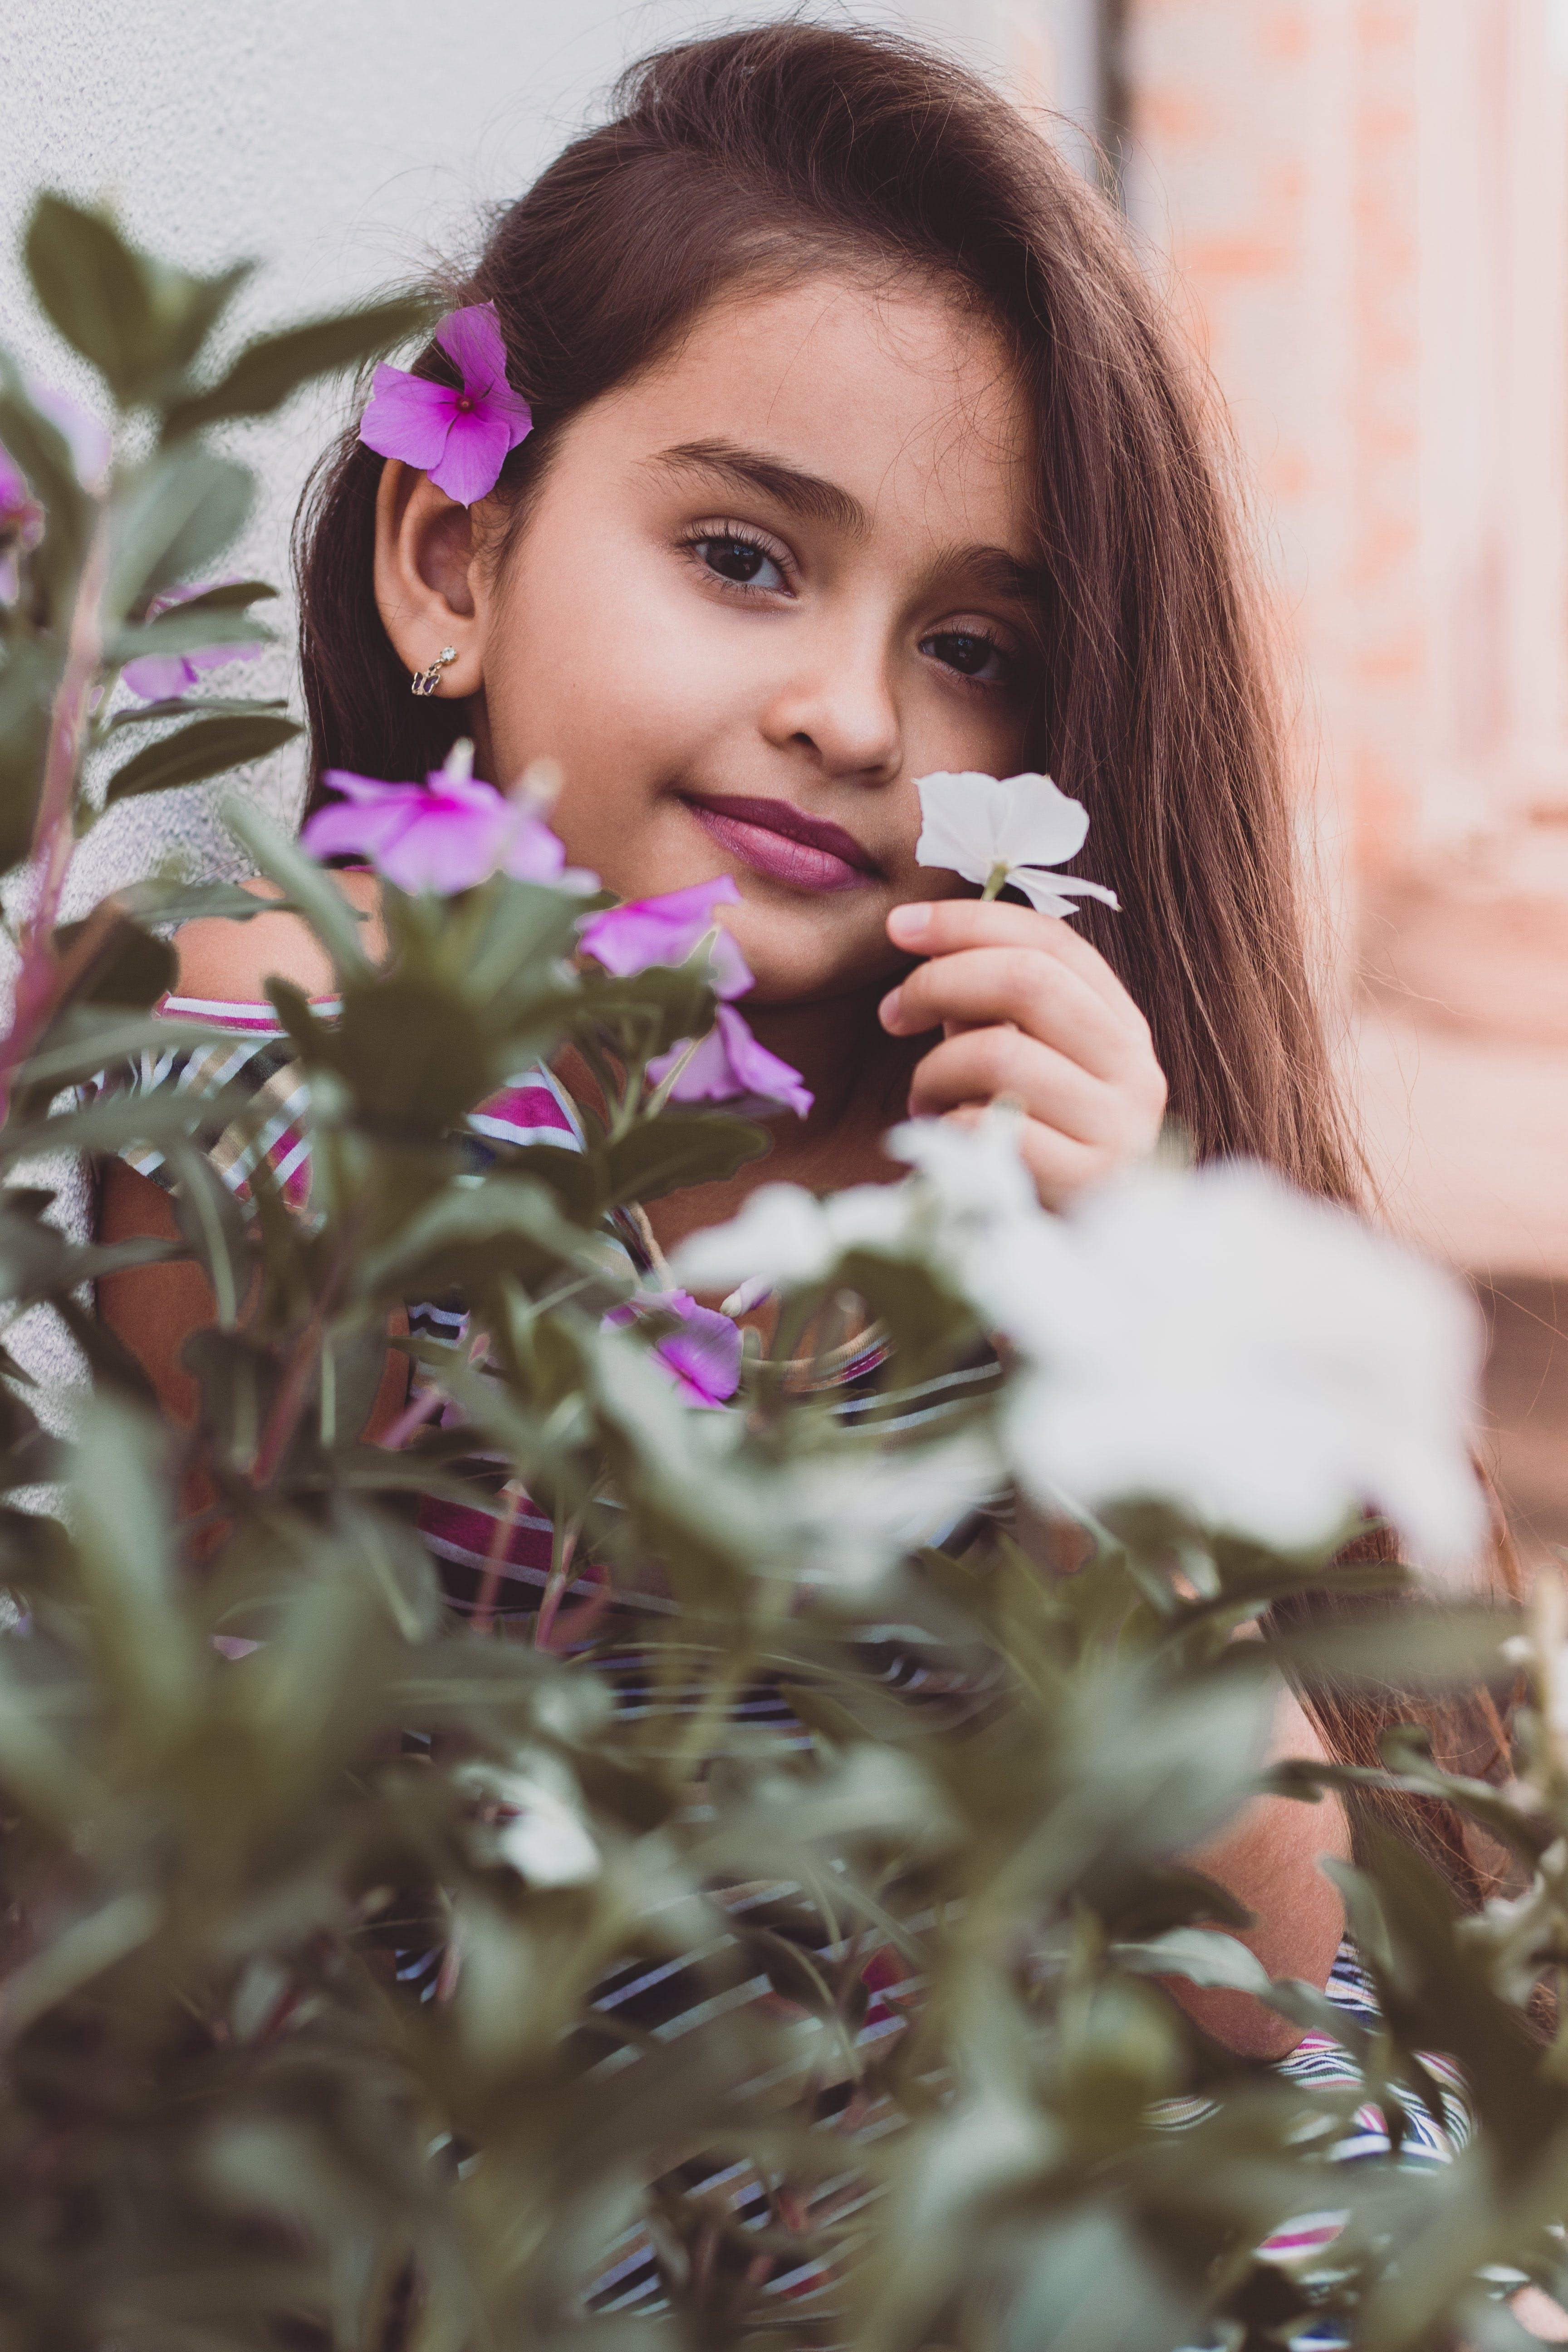 Fotos de stock gratuitas de atractivo, belleza, bonita, bonito